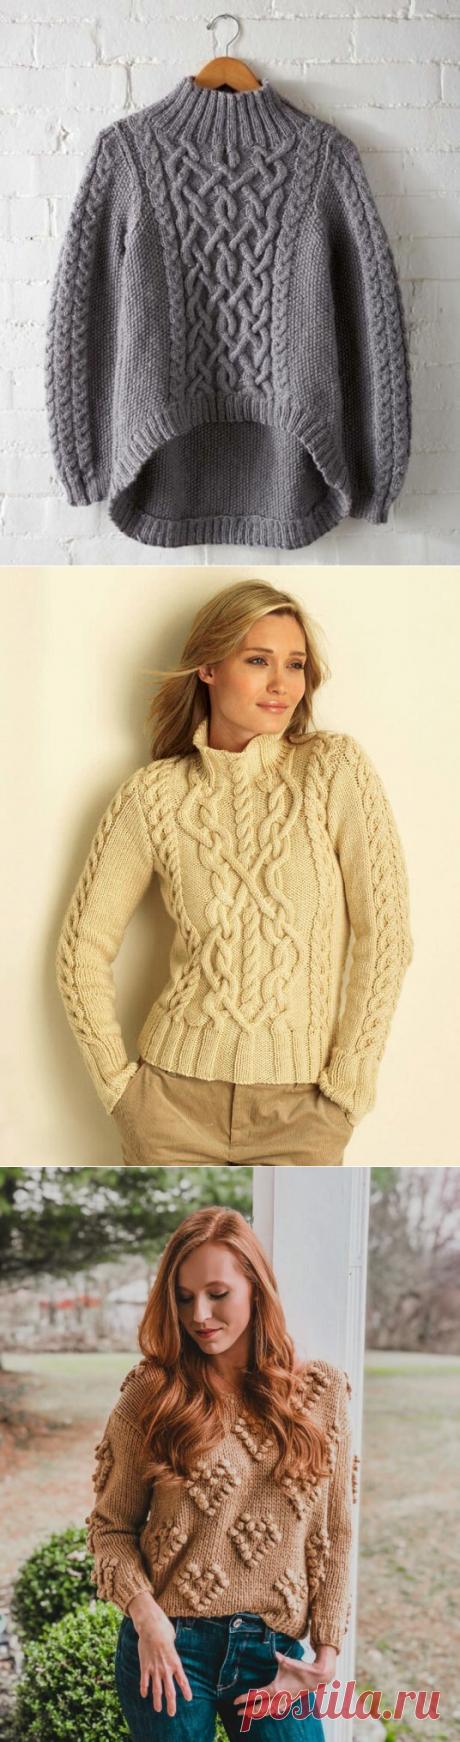 Модные свитера | Модное вязание | Яндекс Дзен